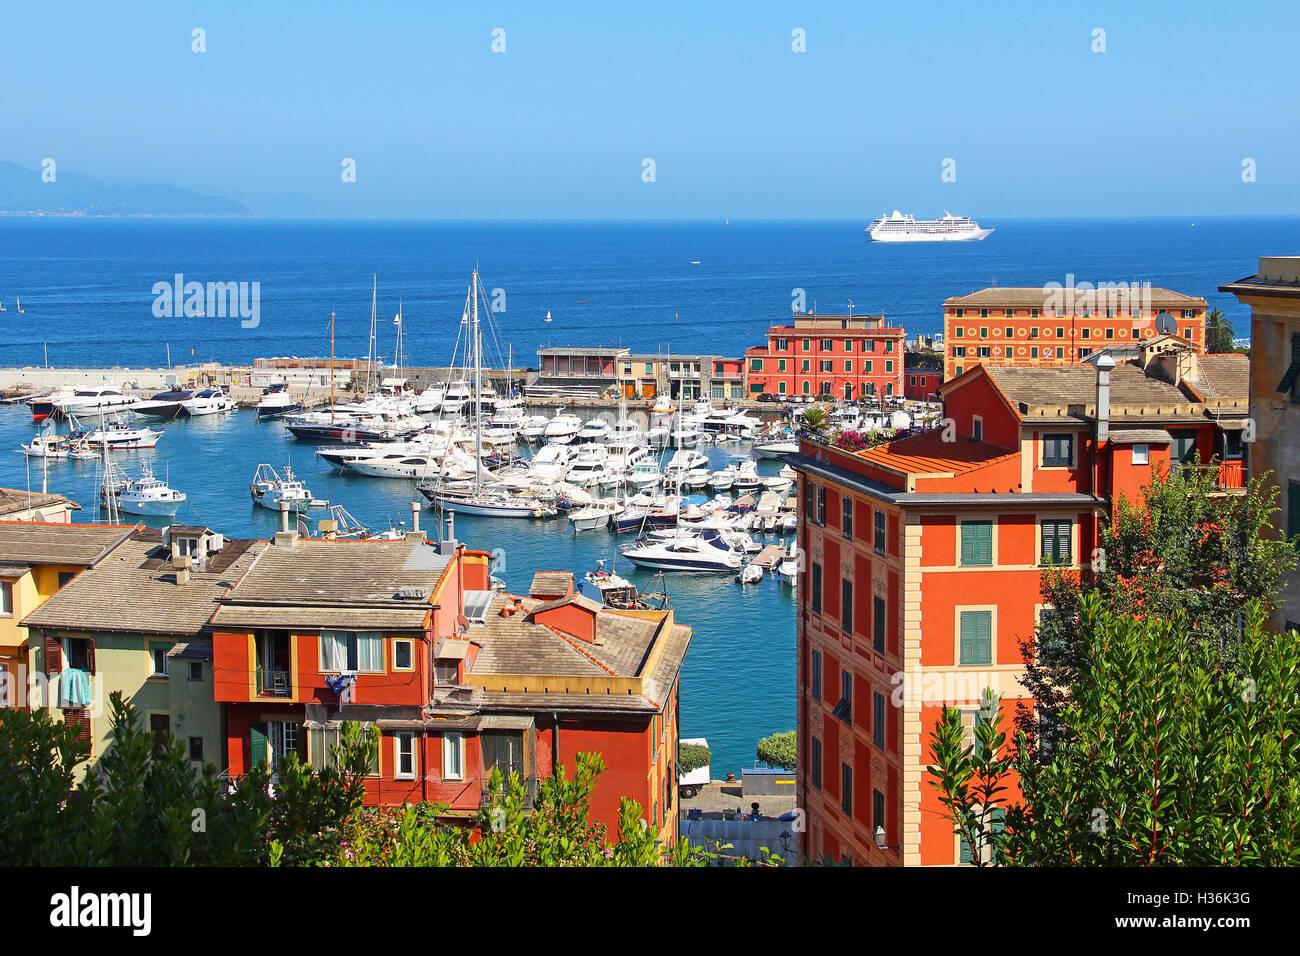 Santa Margherita Ligure, Genoa, Italy Stock Photo